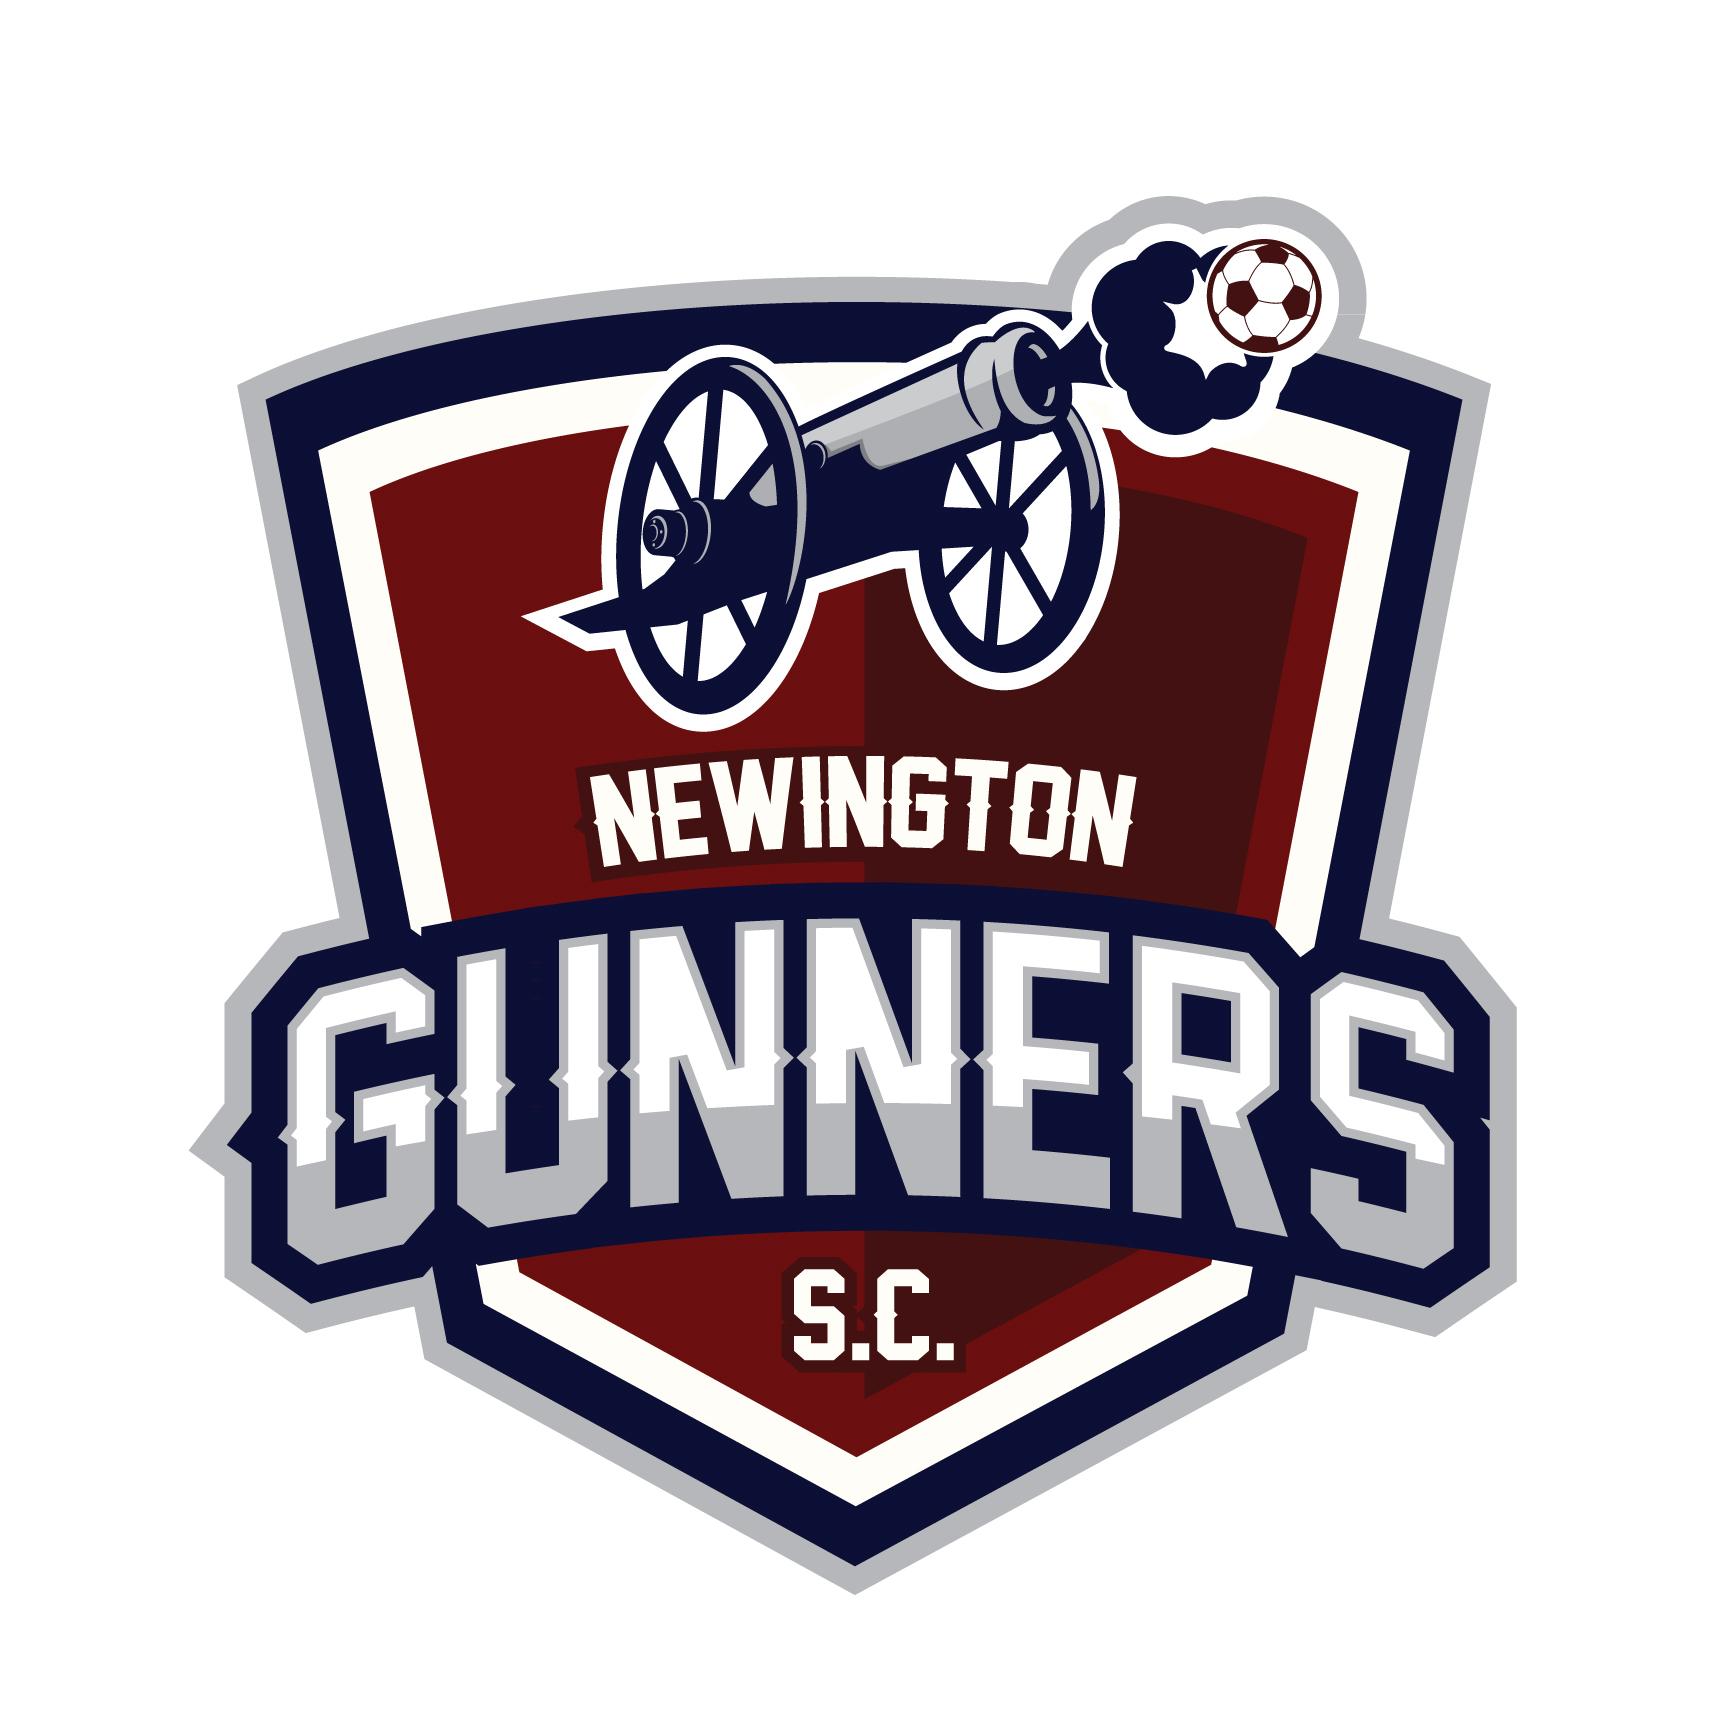 8 gunners logo design